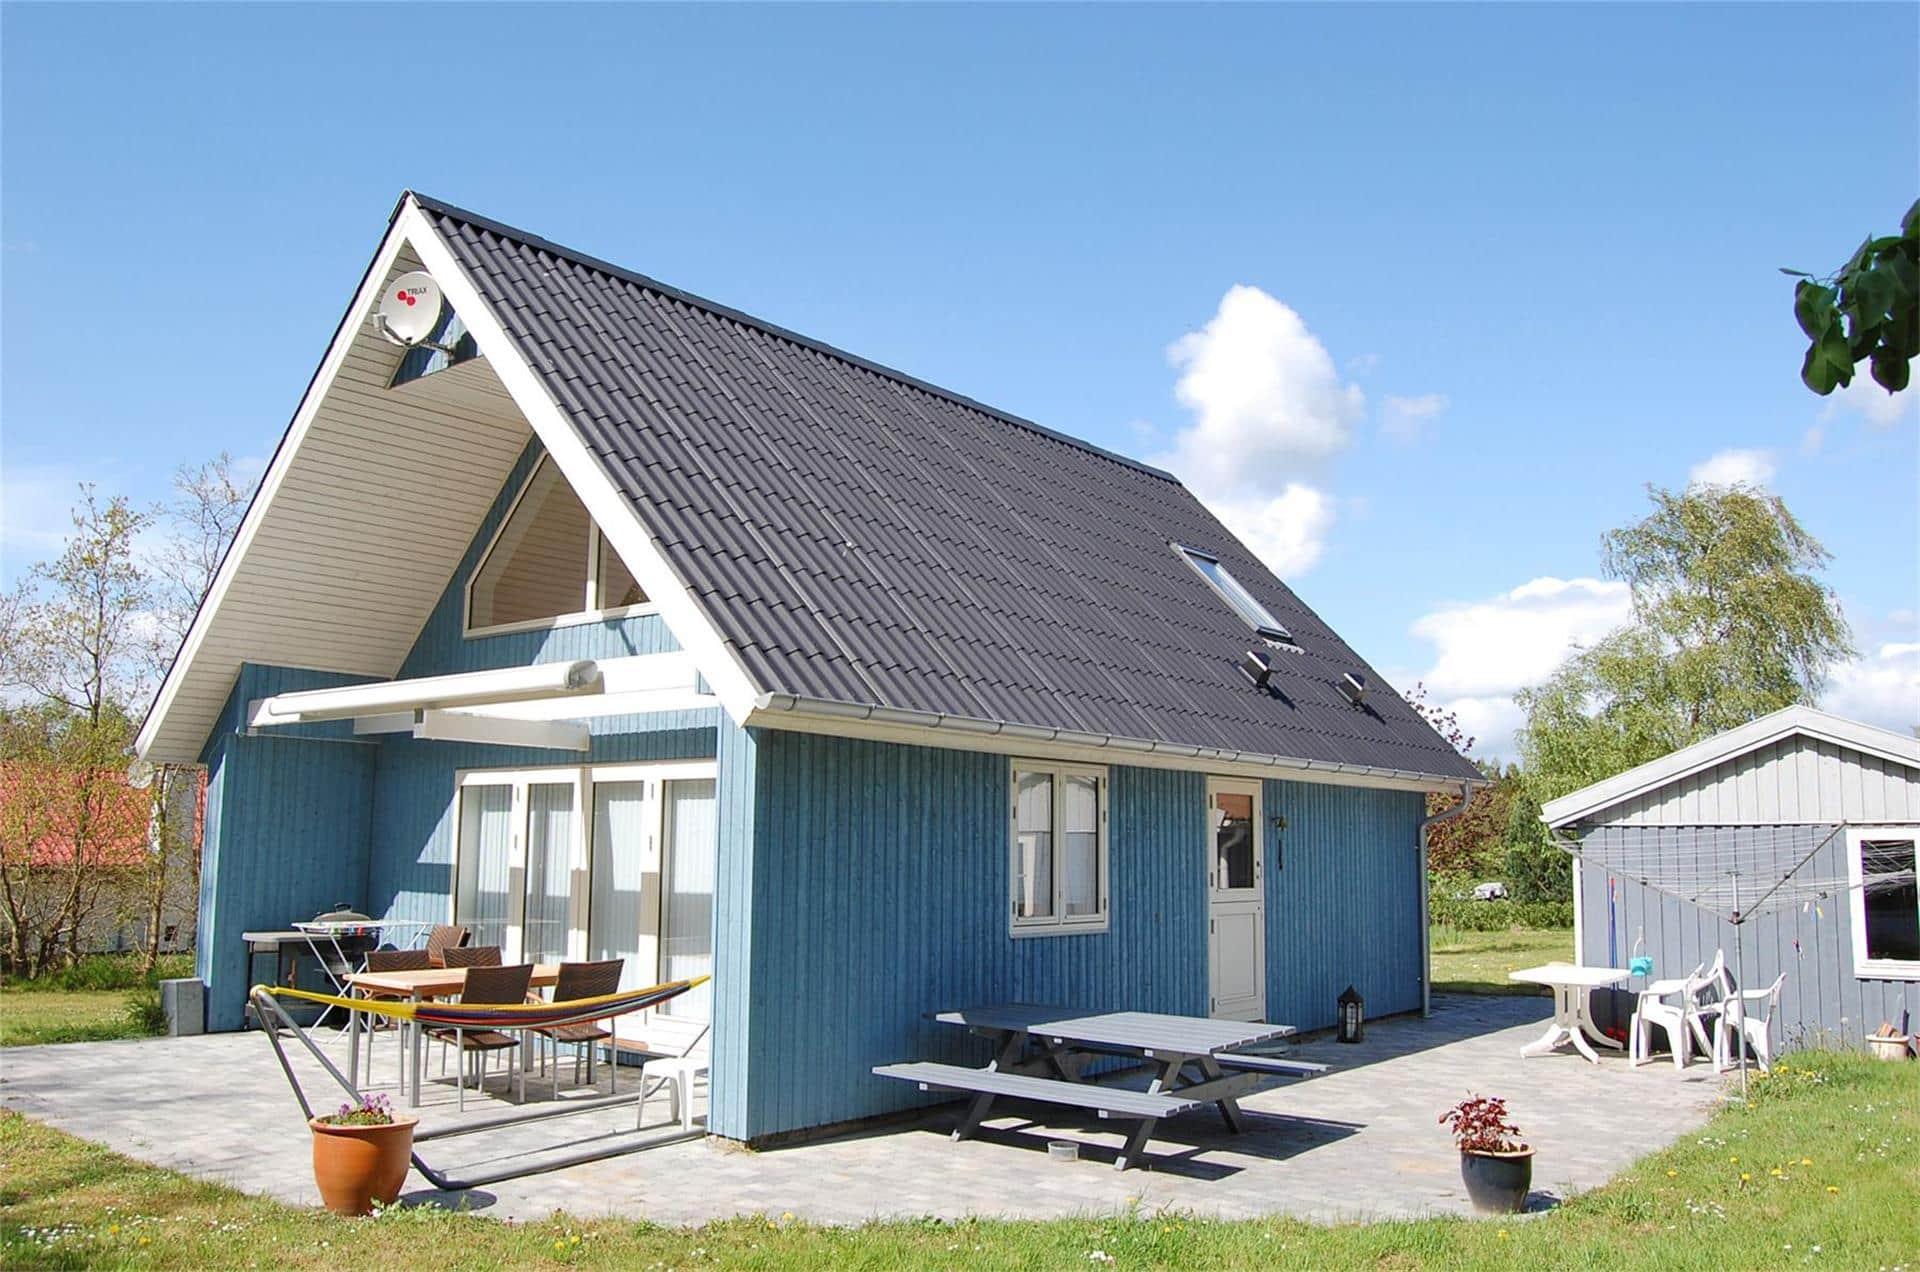 Bilde 1-3 Feirehus M65435, Strandholmen 53, DK - 5642 Faaborg